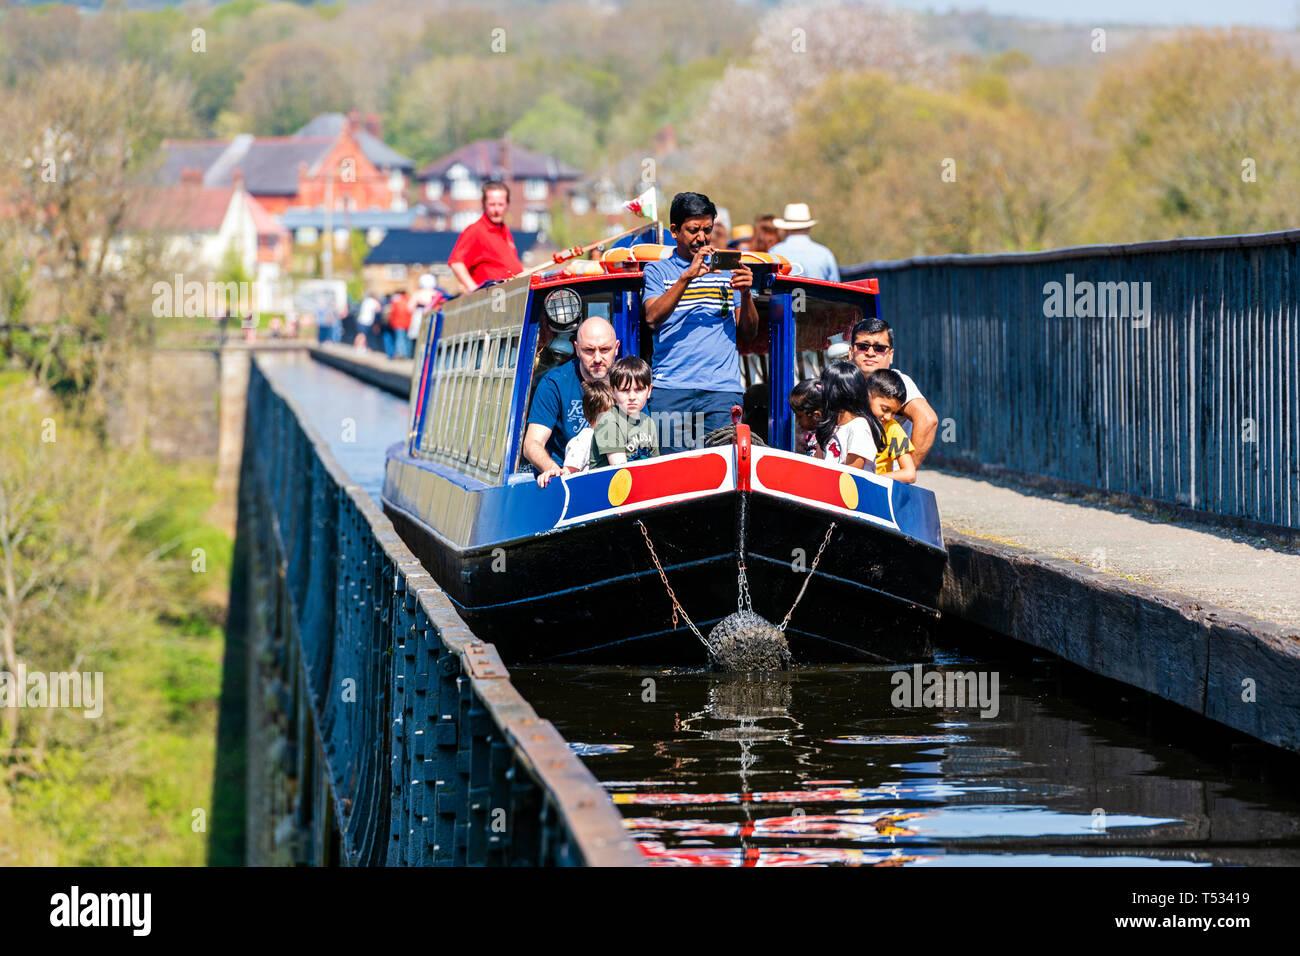 Canal de travesía de un acueducto cerca de Llangollen. Acueducto Pontcysyllte, Gales, Reino Unido. Viaje en barco por el estrecho Shropshire Union Canal. Imagen De Stock